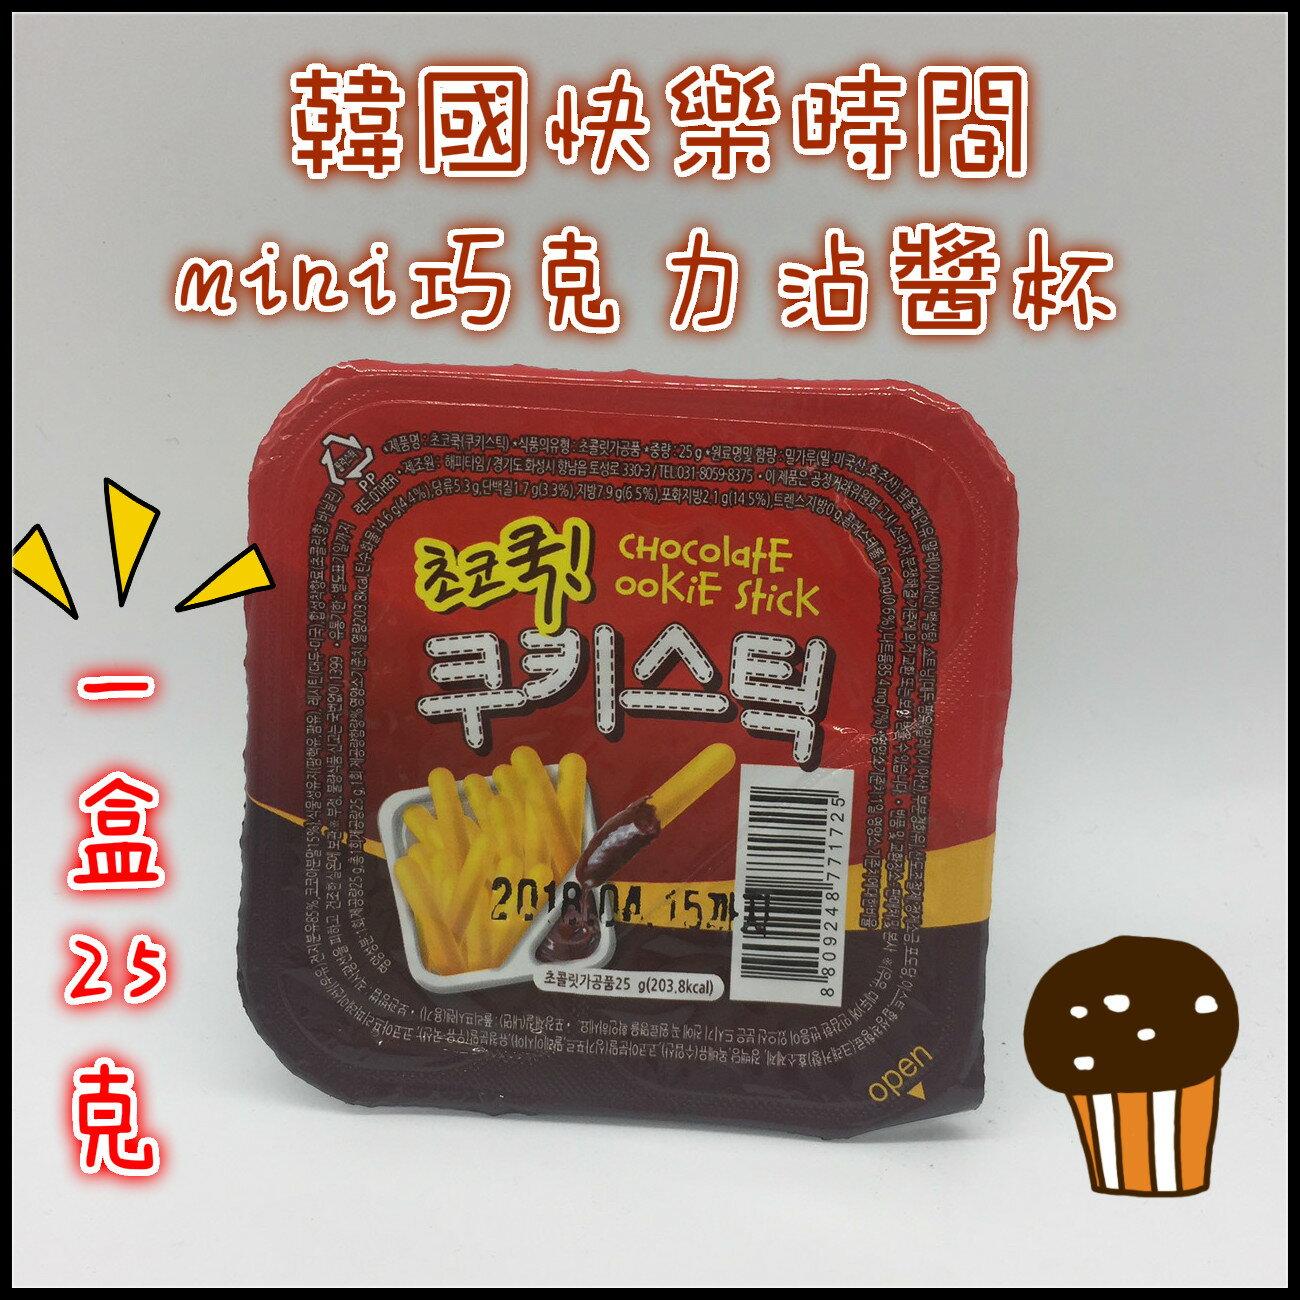 ?含發票?進口零食?快樂時間?MINI巧克力沾醬杯?一盒25克?韓國進口 零食 點心 餅乾 糖果?